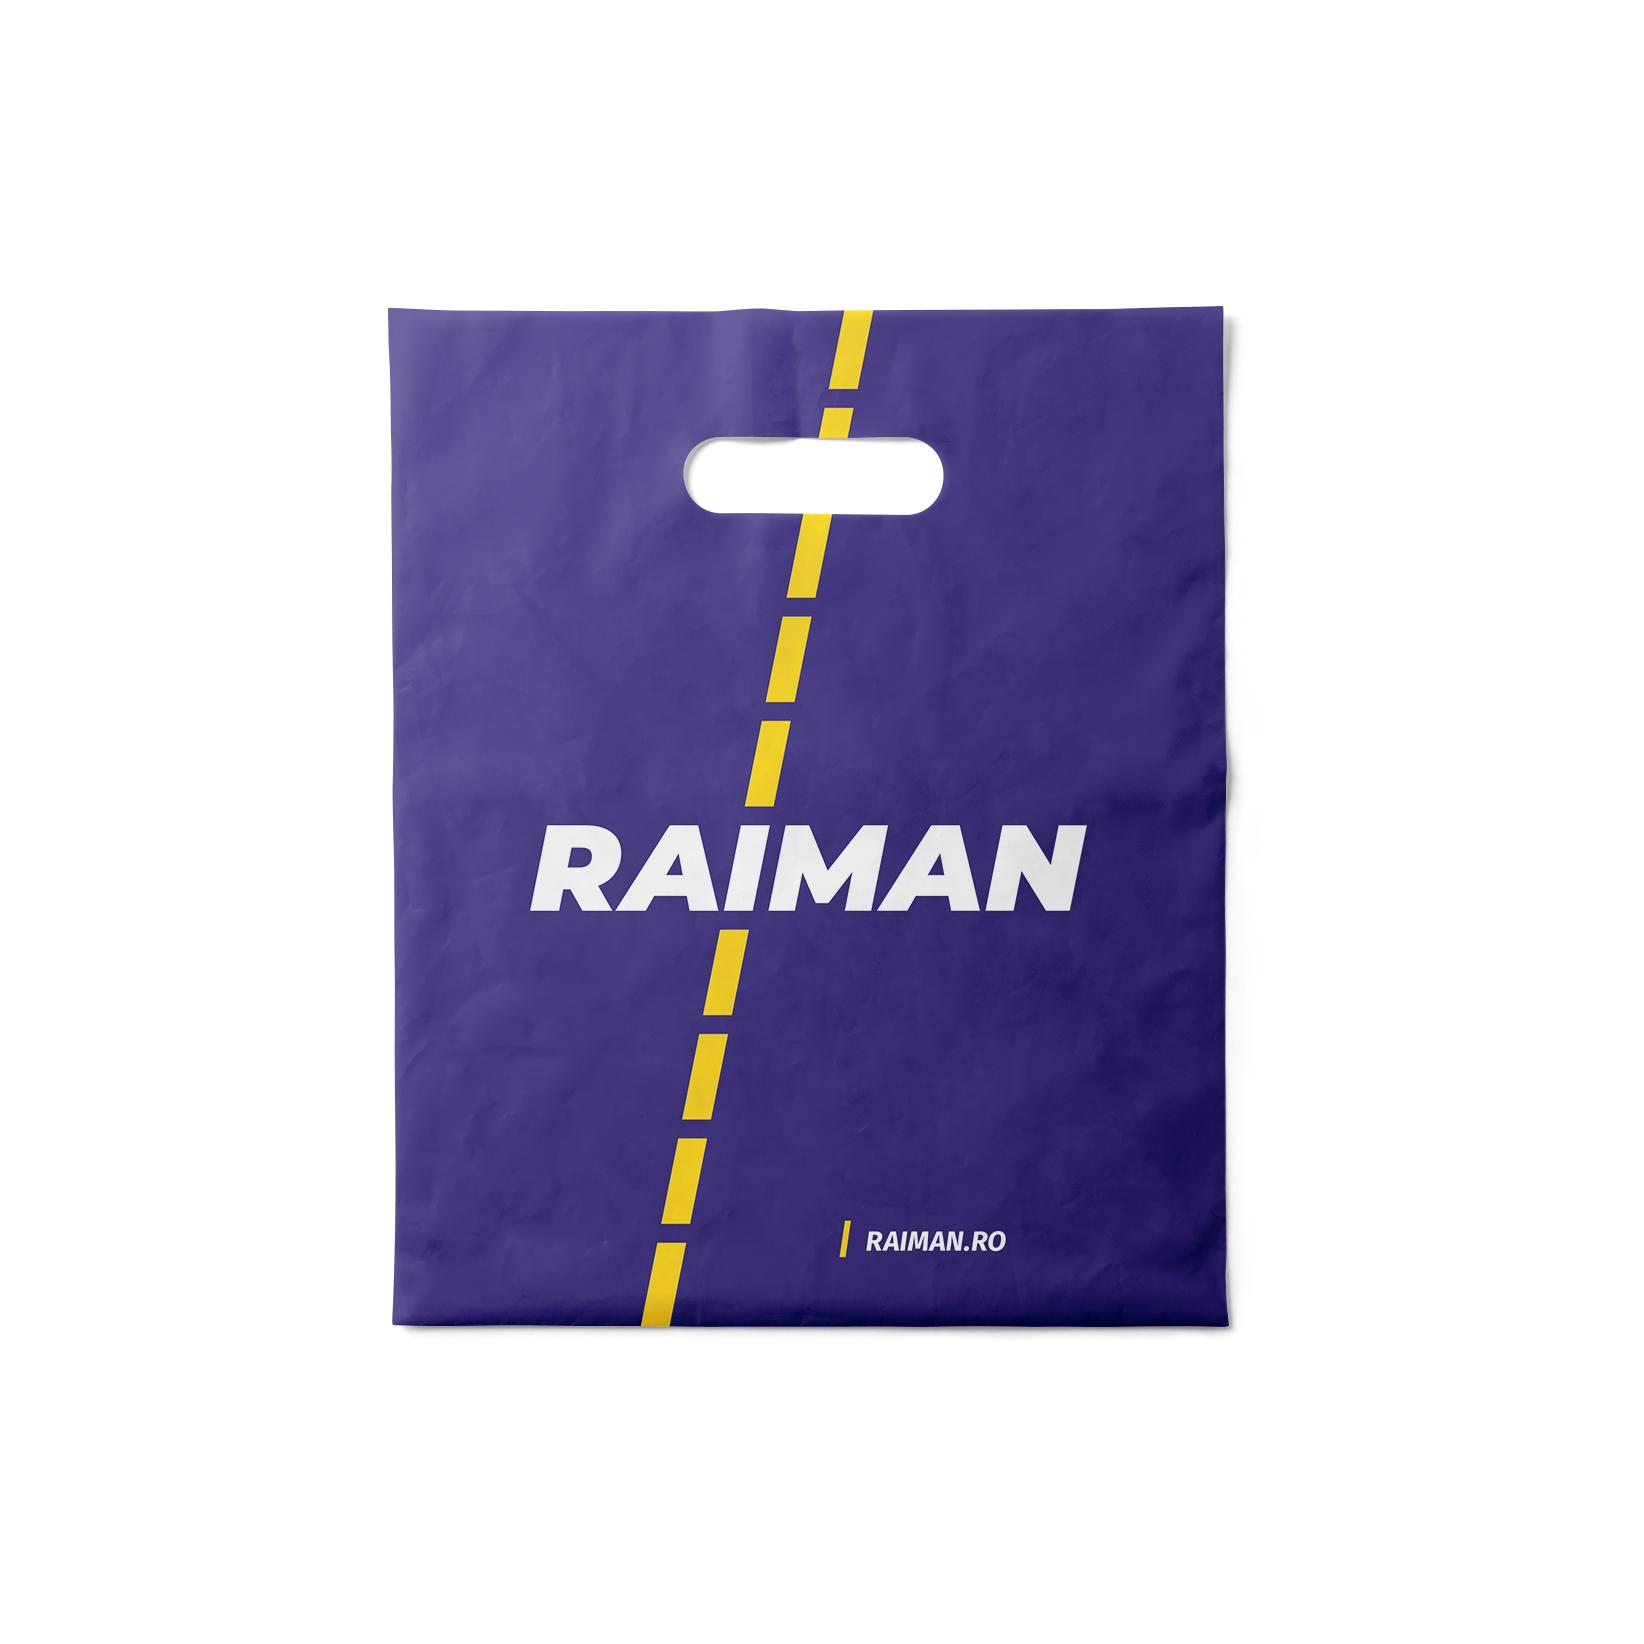 raiman portfolio inoveo bag